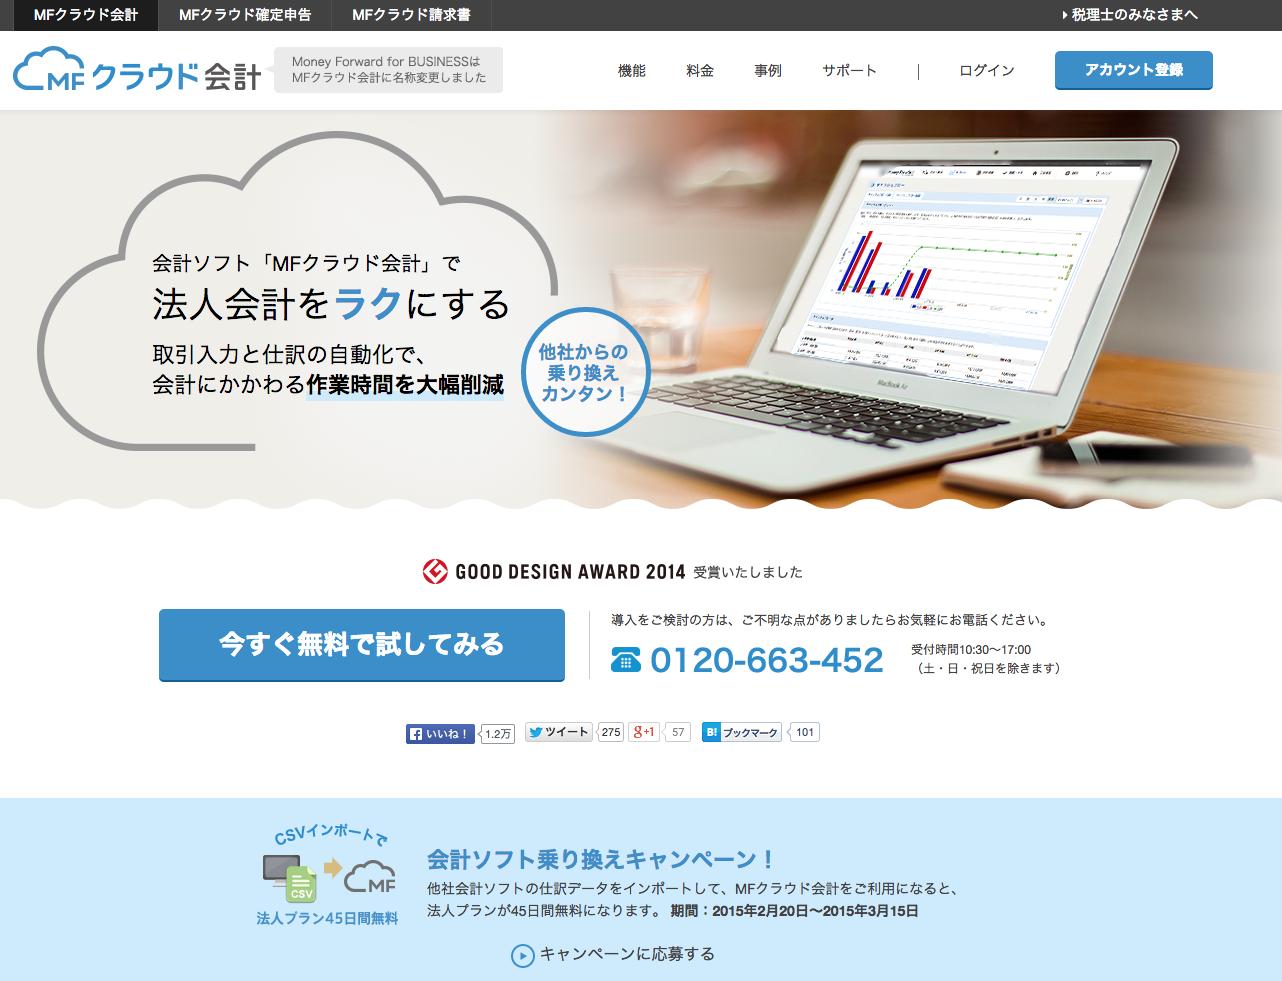 スクリーンショット 2015-02-24 14.34.34